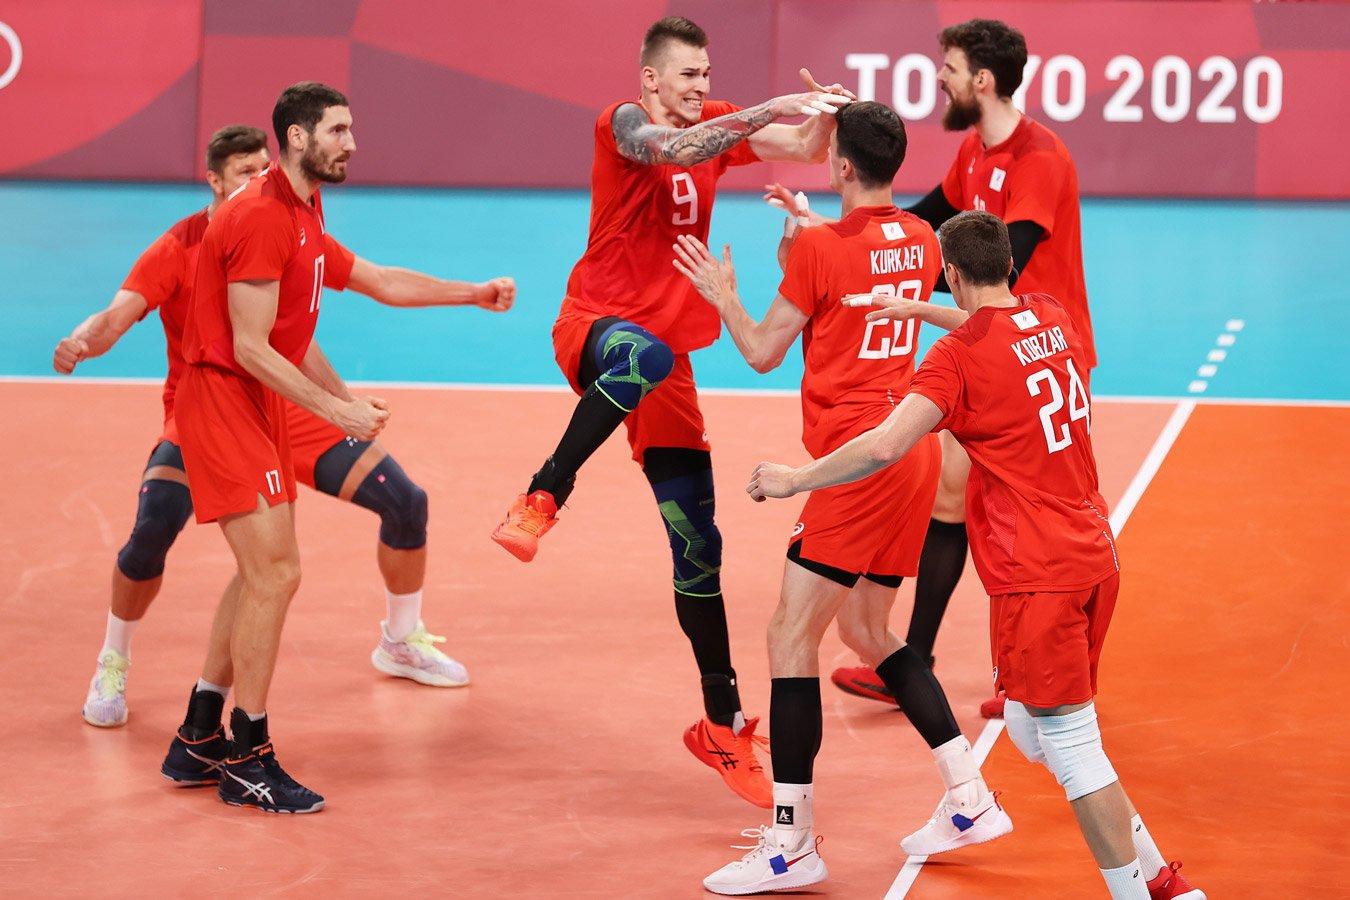 Мужская сборная России по волейболу вышла в финал Олимпиады-2020, победив Бразилию